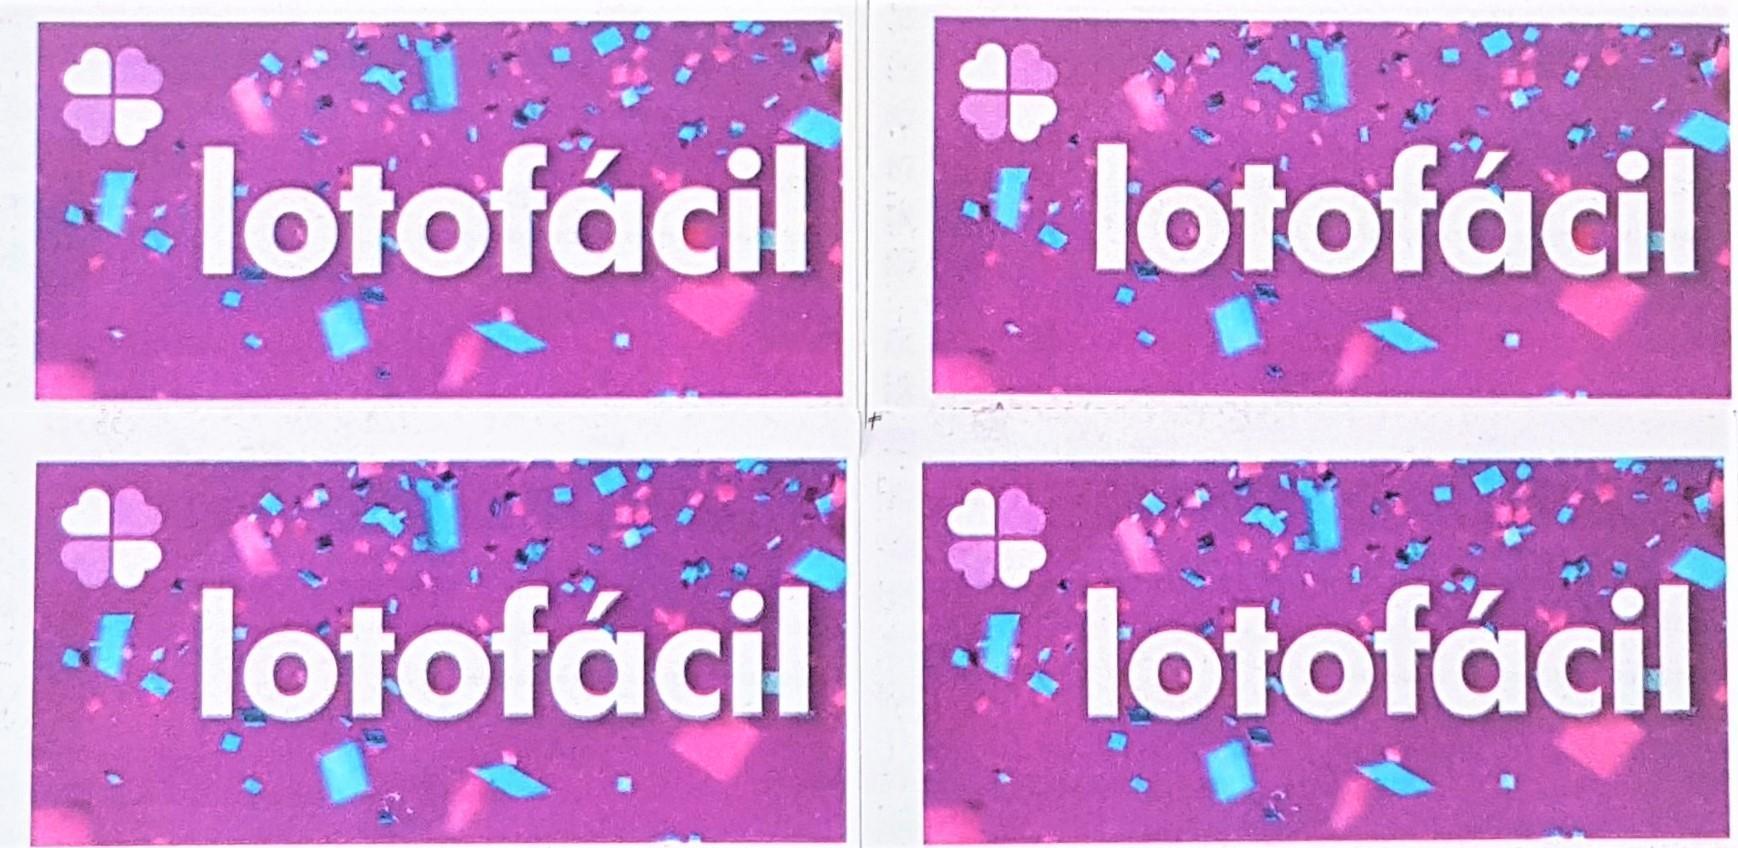 resultado da lotofácil 2111 - A imagem mostra quatro logos da lotofacil